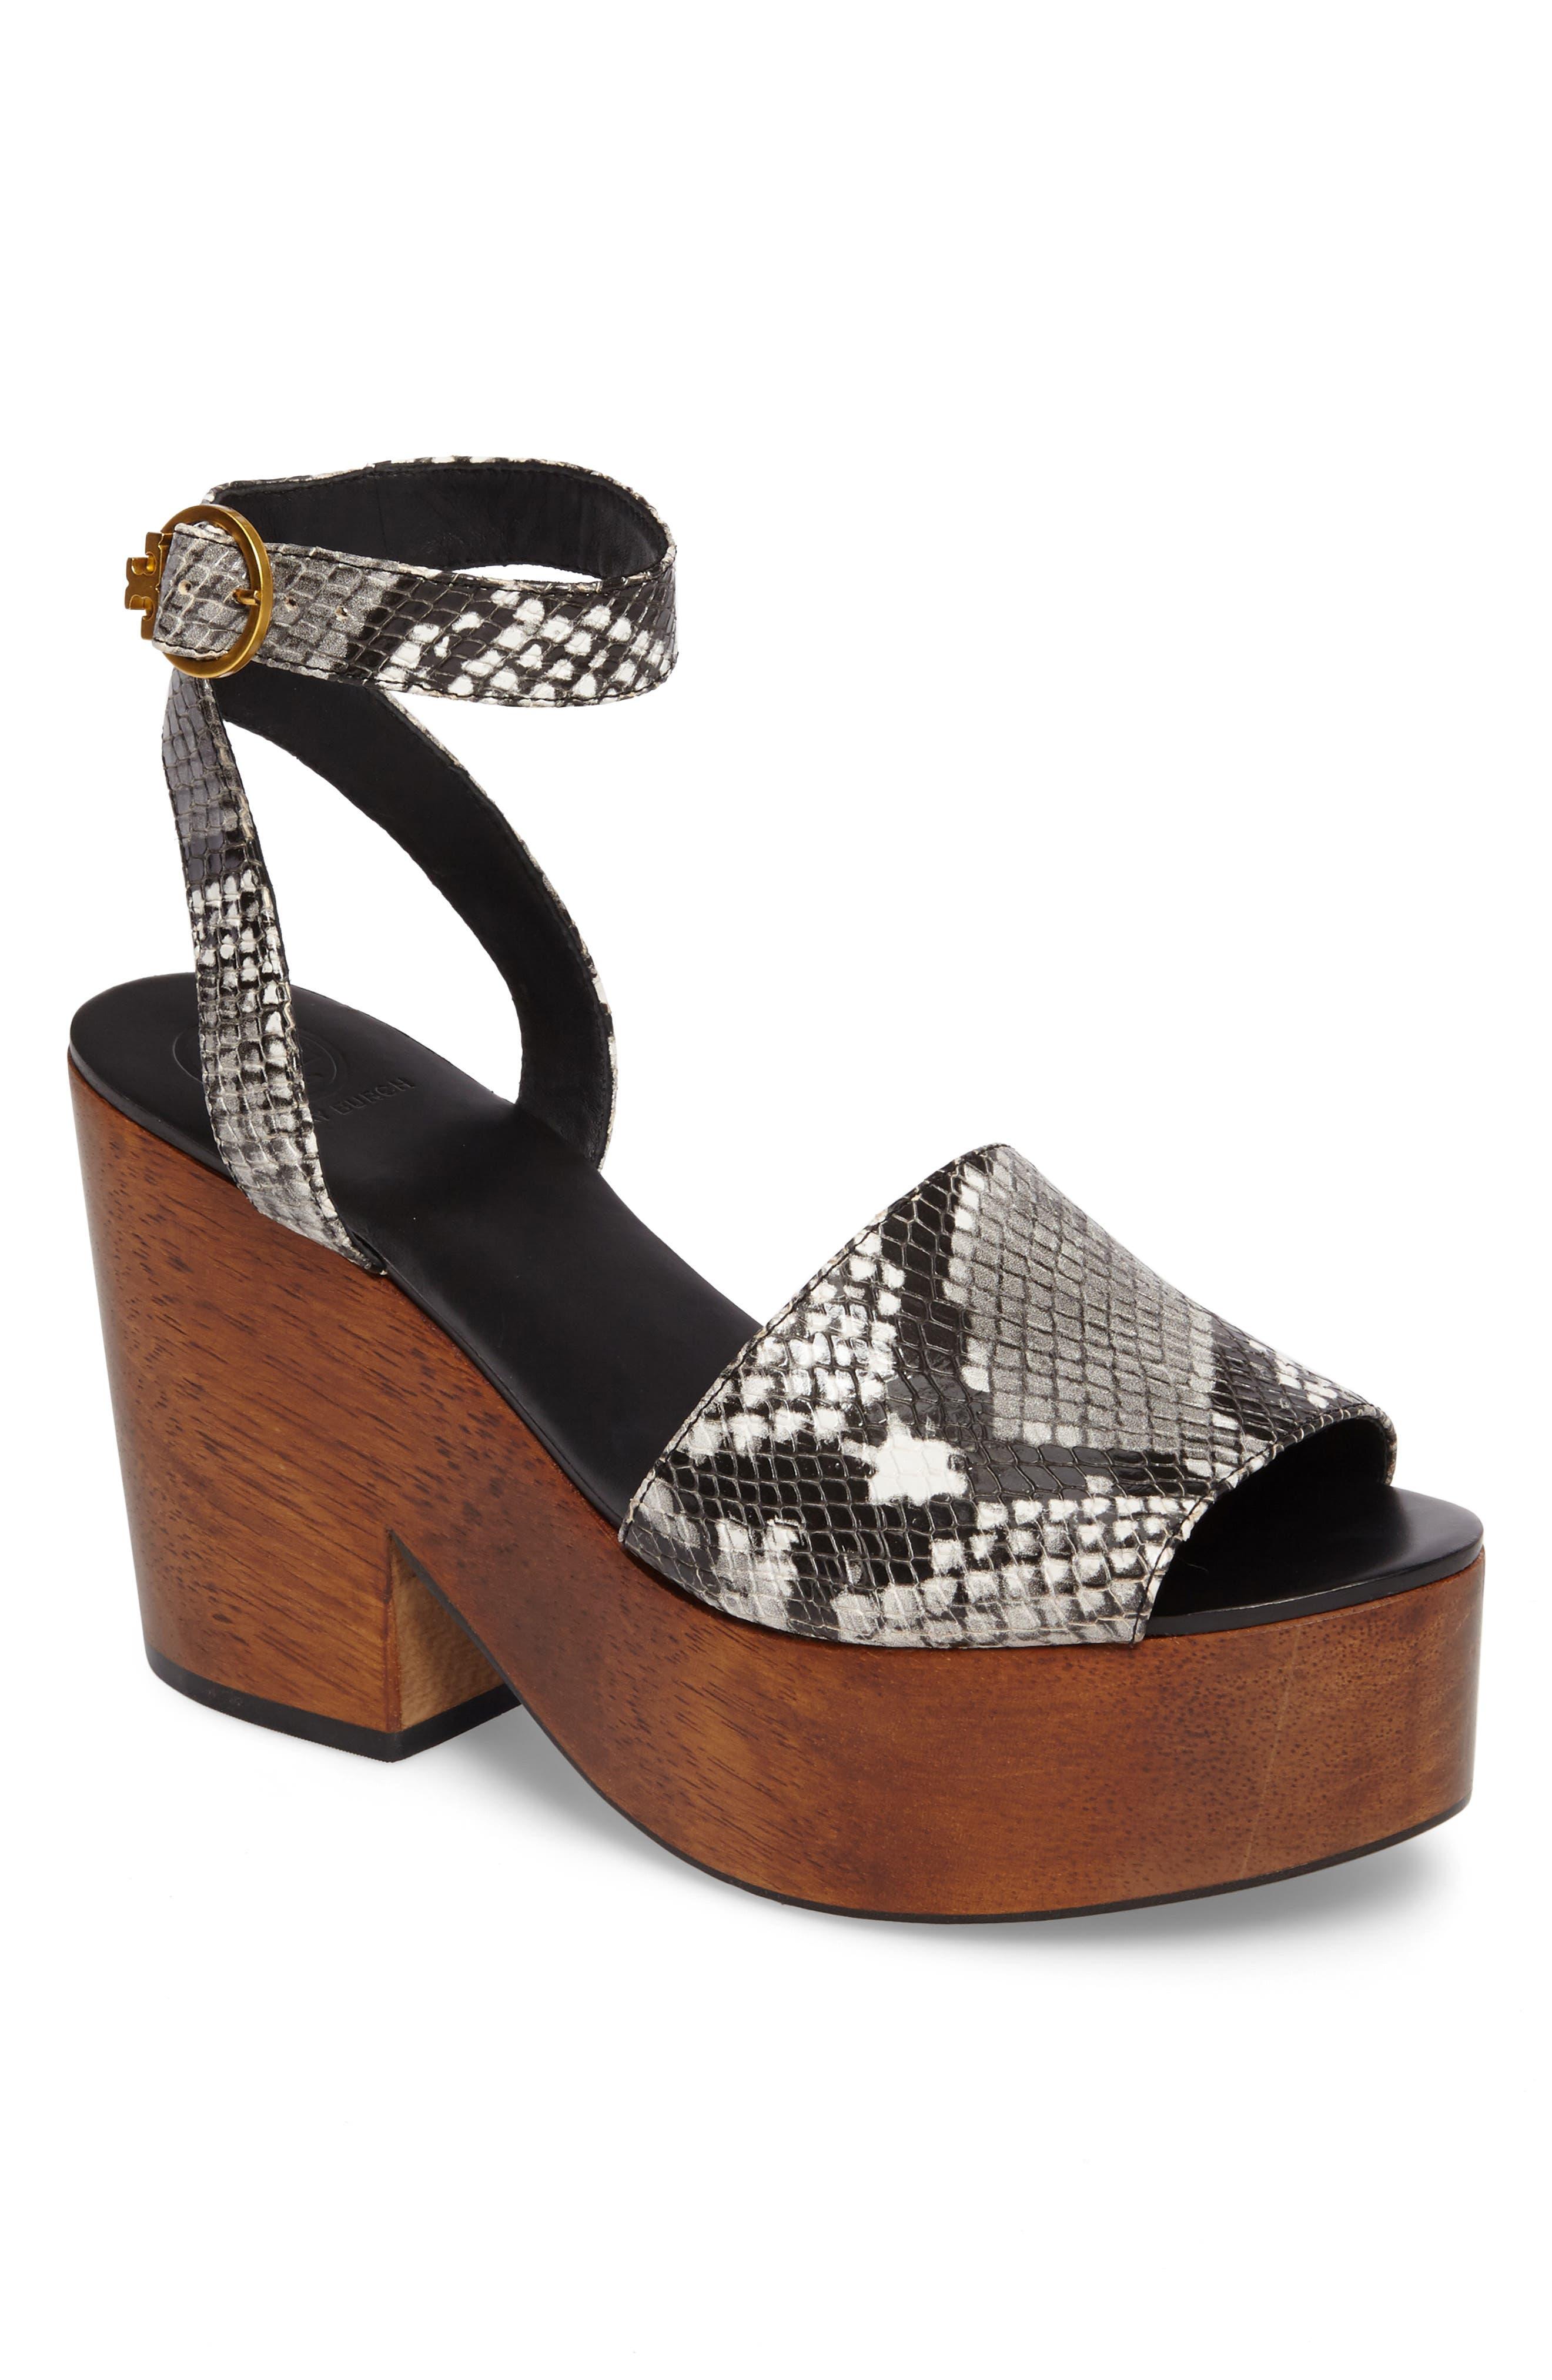 Camilla Platform Sandal,                         Main,                         color, Roccia Black/ White